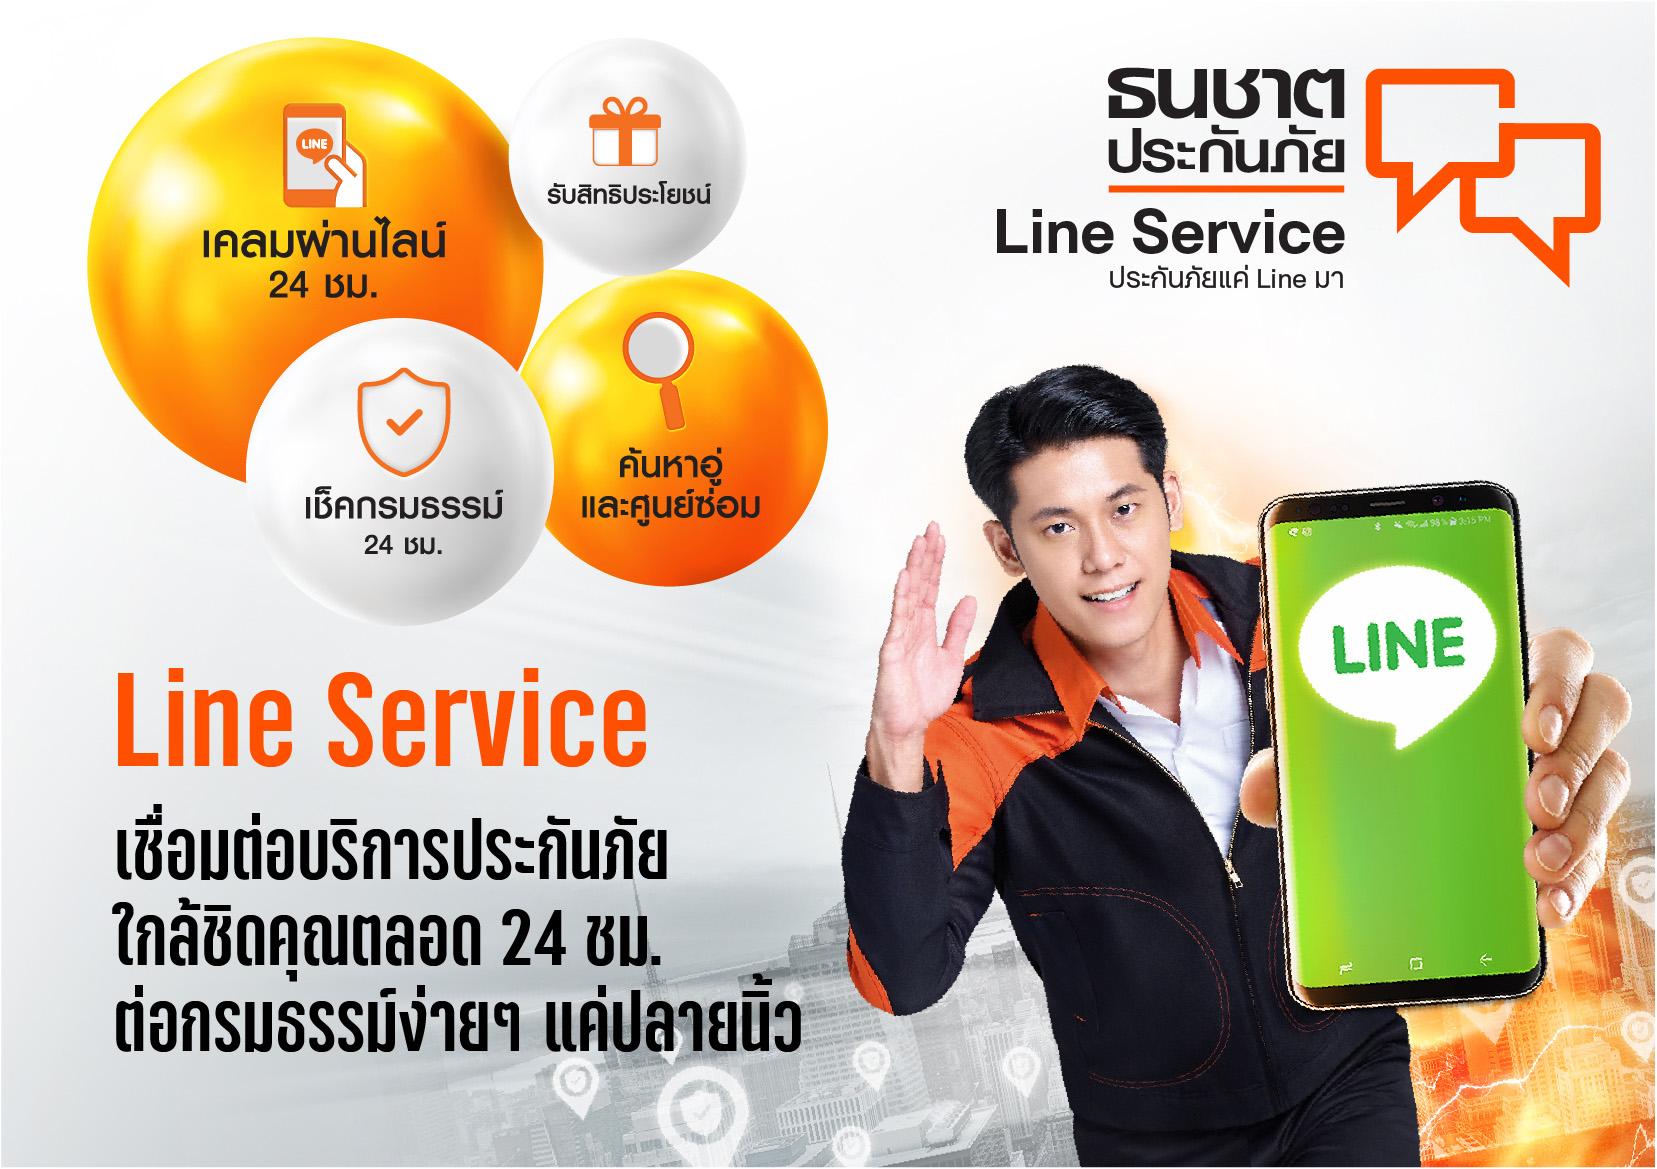 ธนชาตประกันภัย ตอกย้ำอัตราความเพียงพอเงินกองทุนสูงอันดับ 1 ของอุตสาหกรรม  ยกระดับ 3 บริการเด่น LINE Service - Meet and Care - อู่สีส้ม ดันเบี้ยปีนี้ทะลุเป้า 8.8 พันล้านบาท สำนักพิมพ์แม่บ้าน